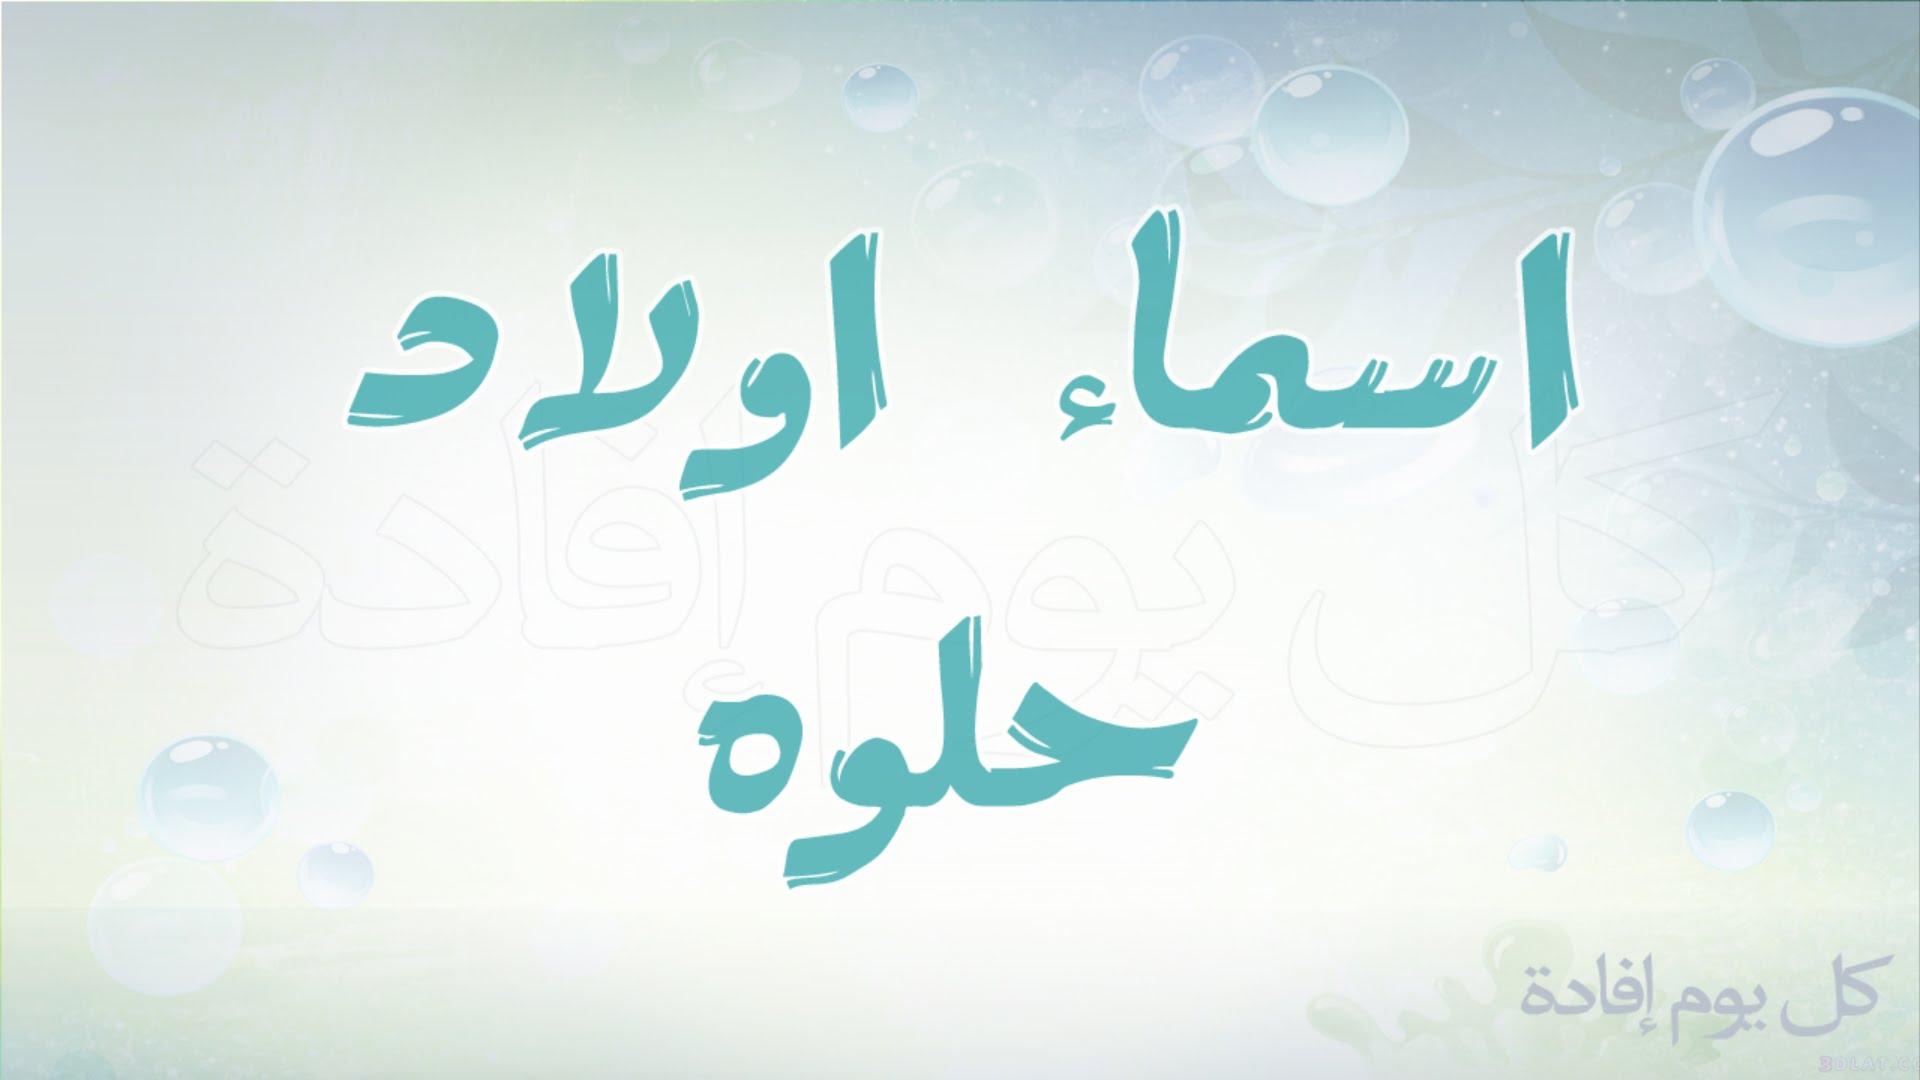 بالصور اسماء اولاد حلوه , اجمل الاسماء الجديدة للاولاد 554